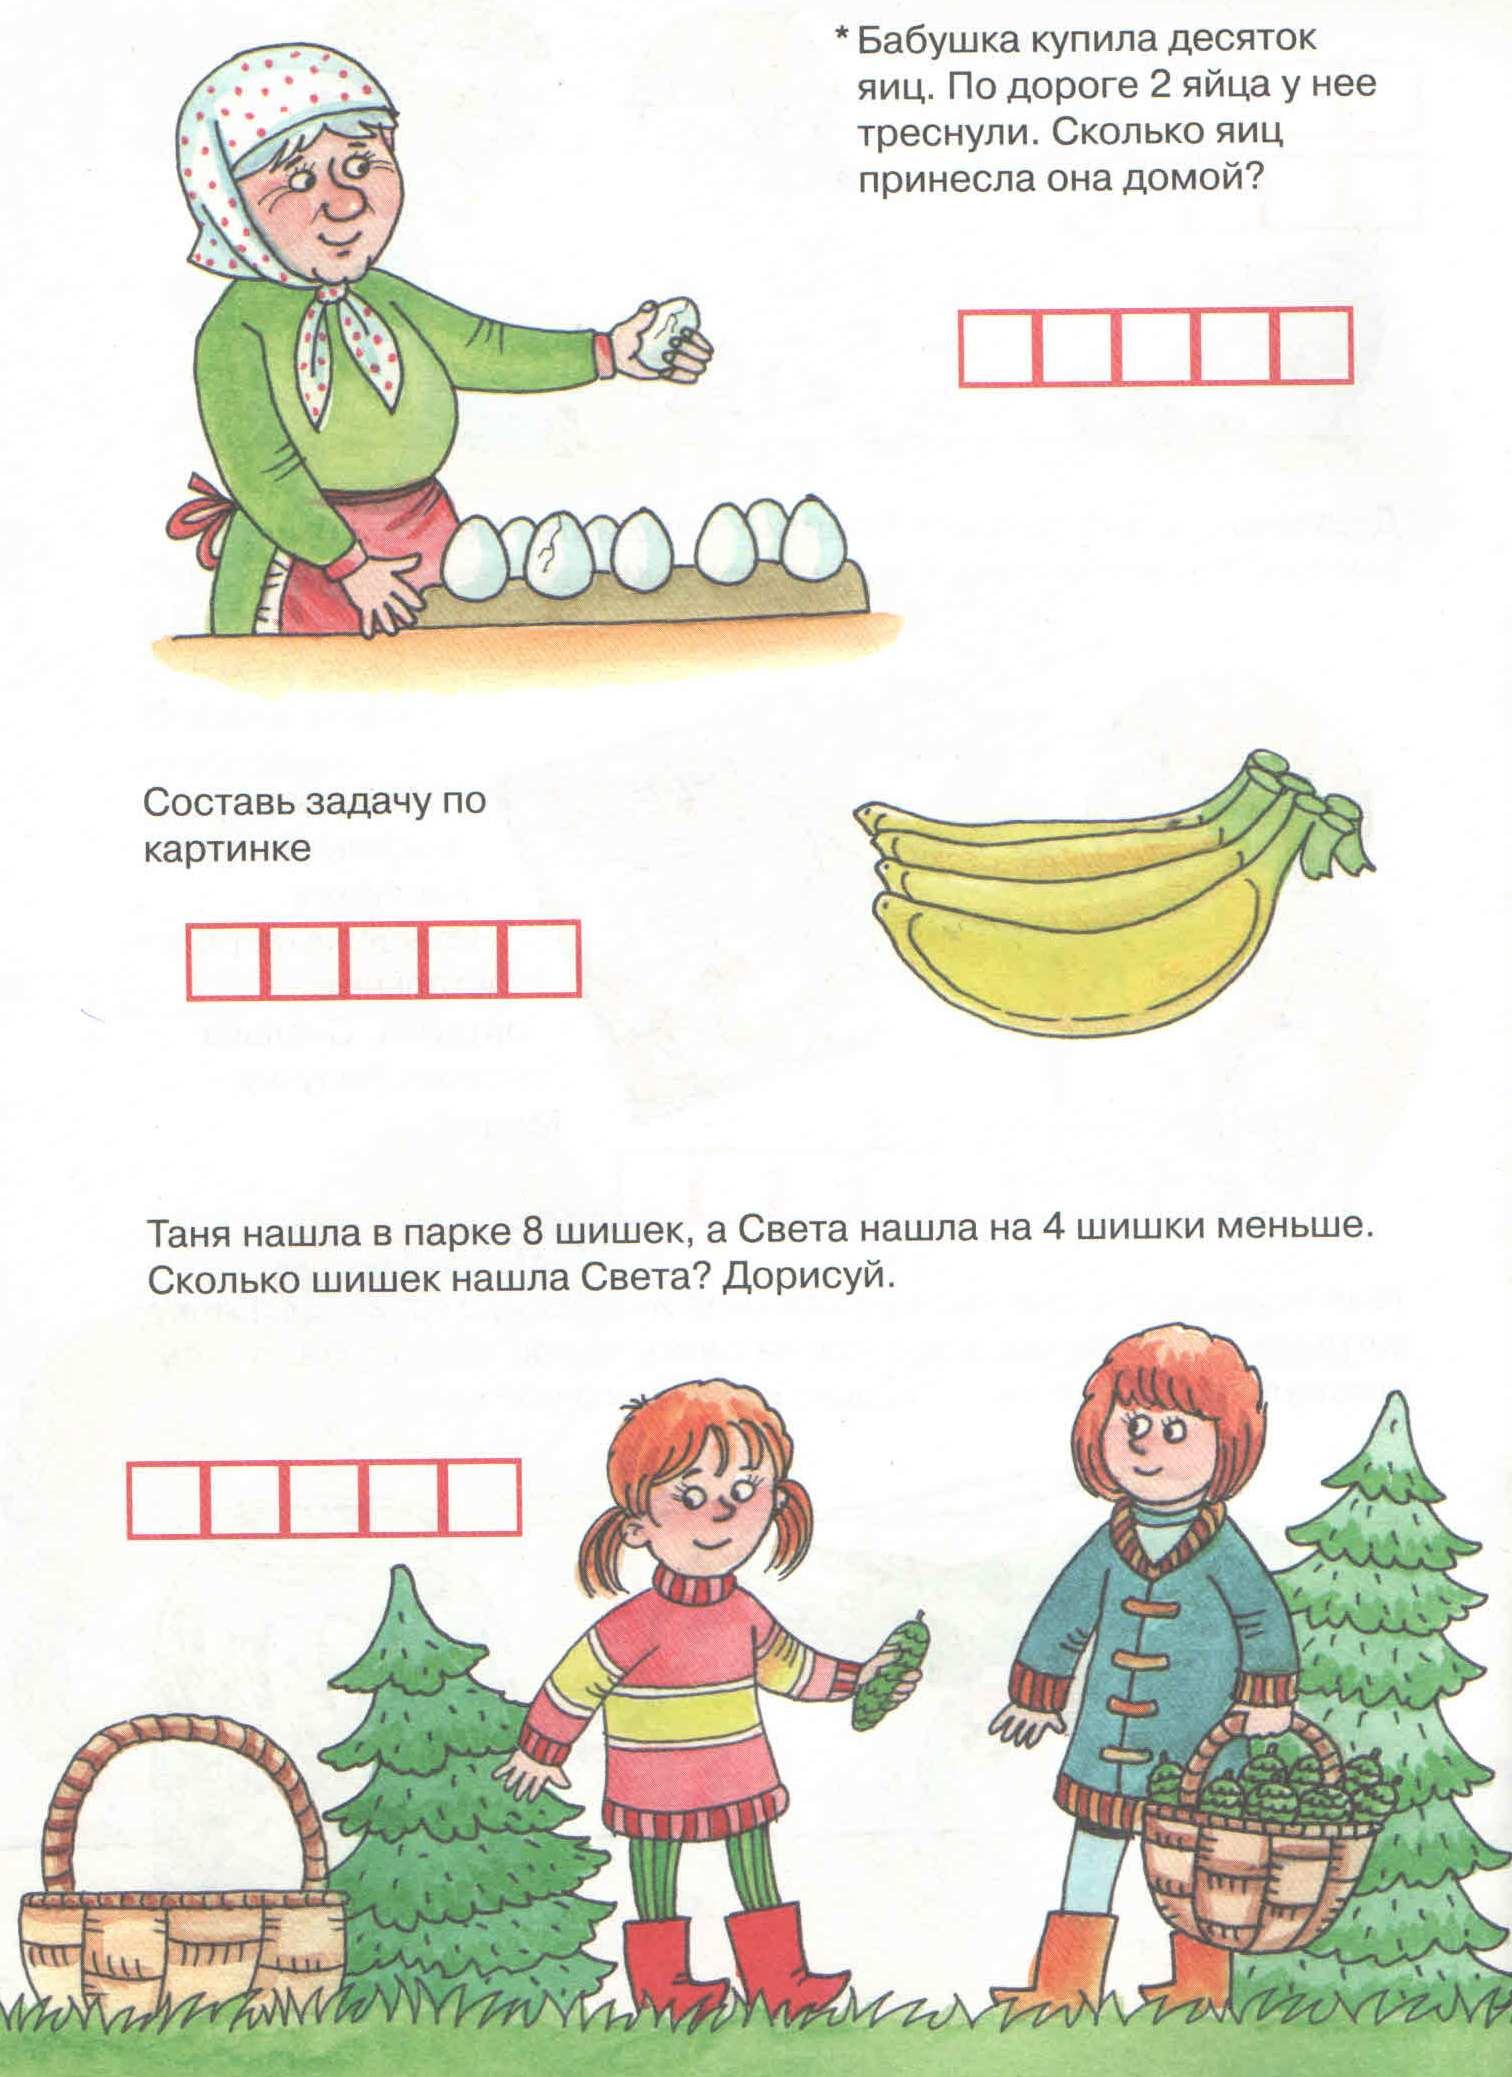 Задачи картинки для дошкольников по математике, привет друзья картинки